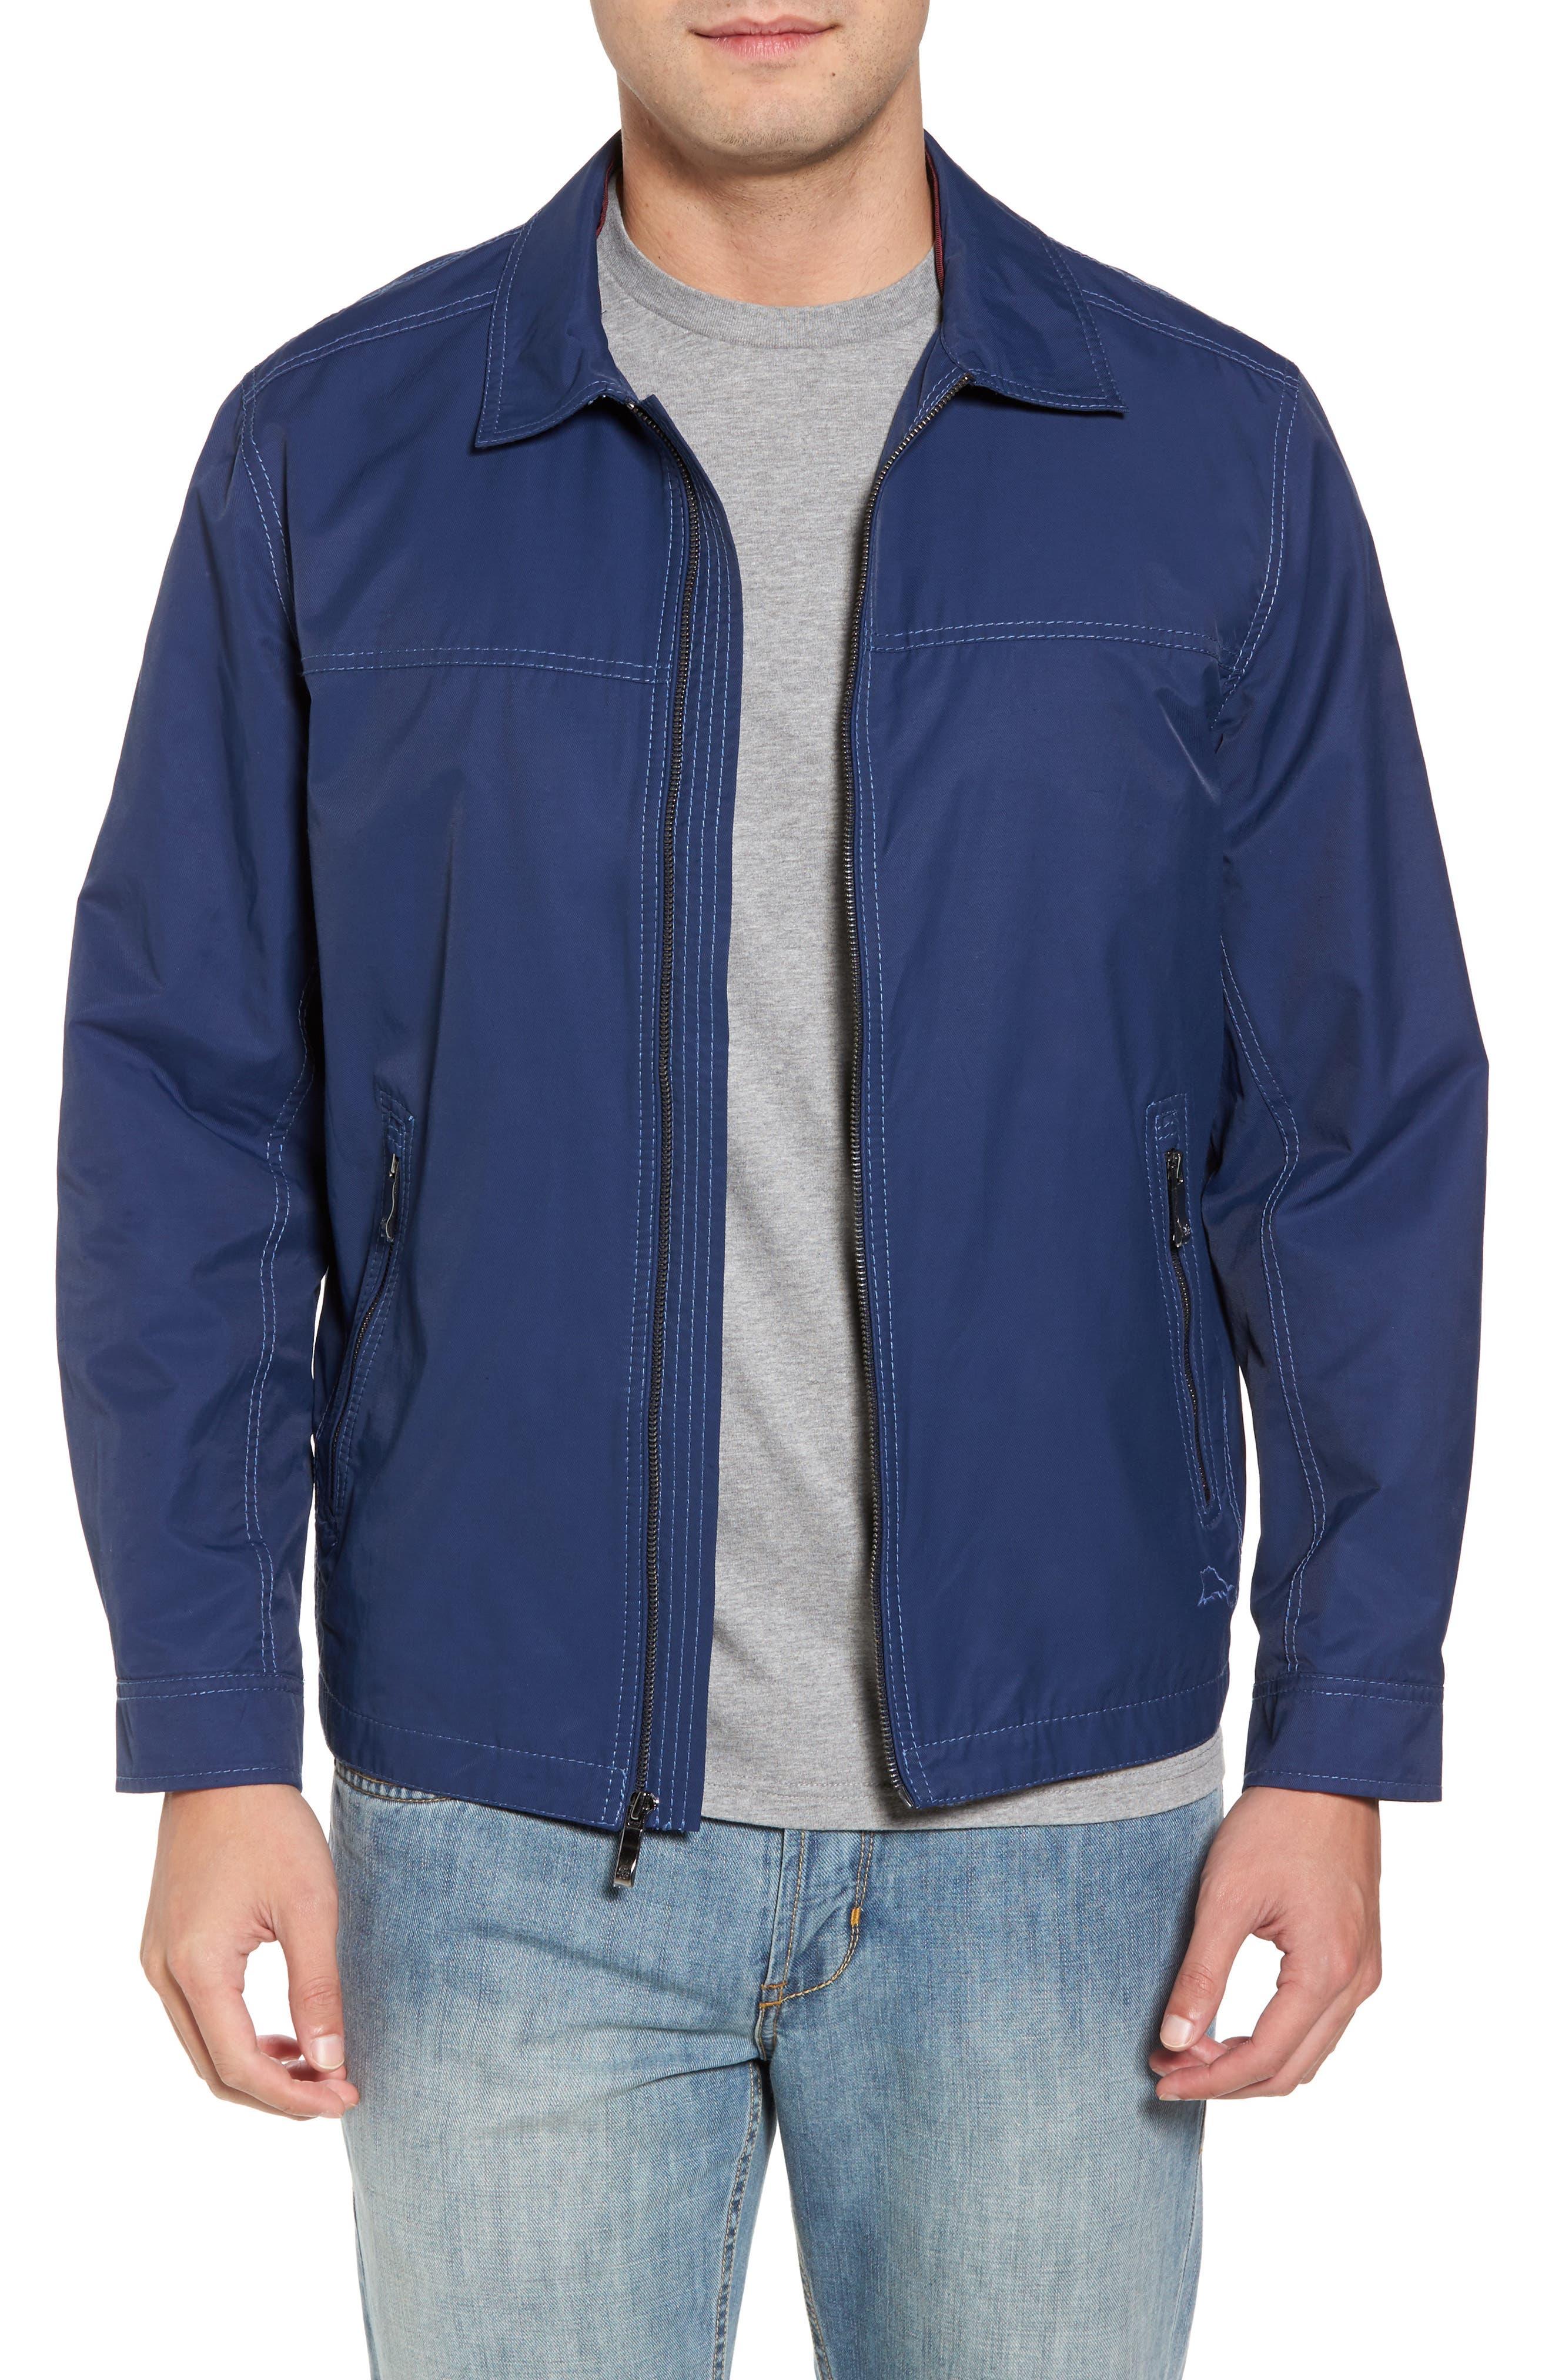 Alternate Image 1 Selected - Tommy Bahama Santa Cruiser Jacket